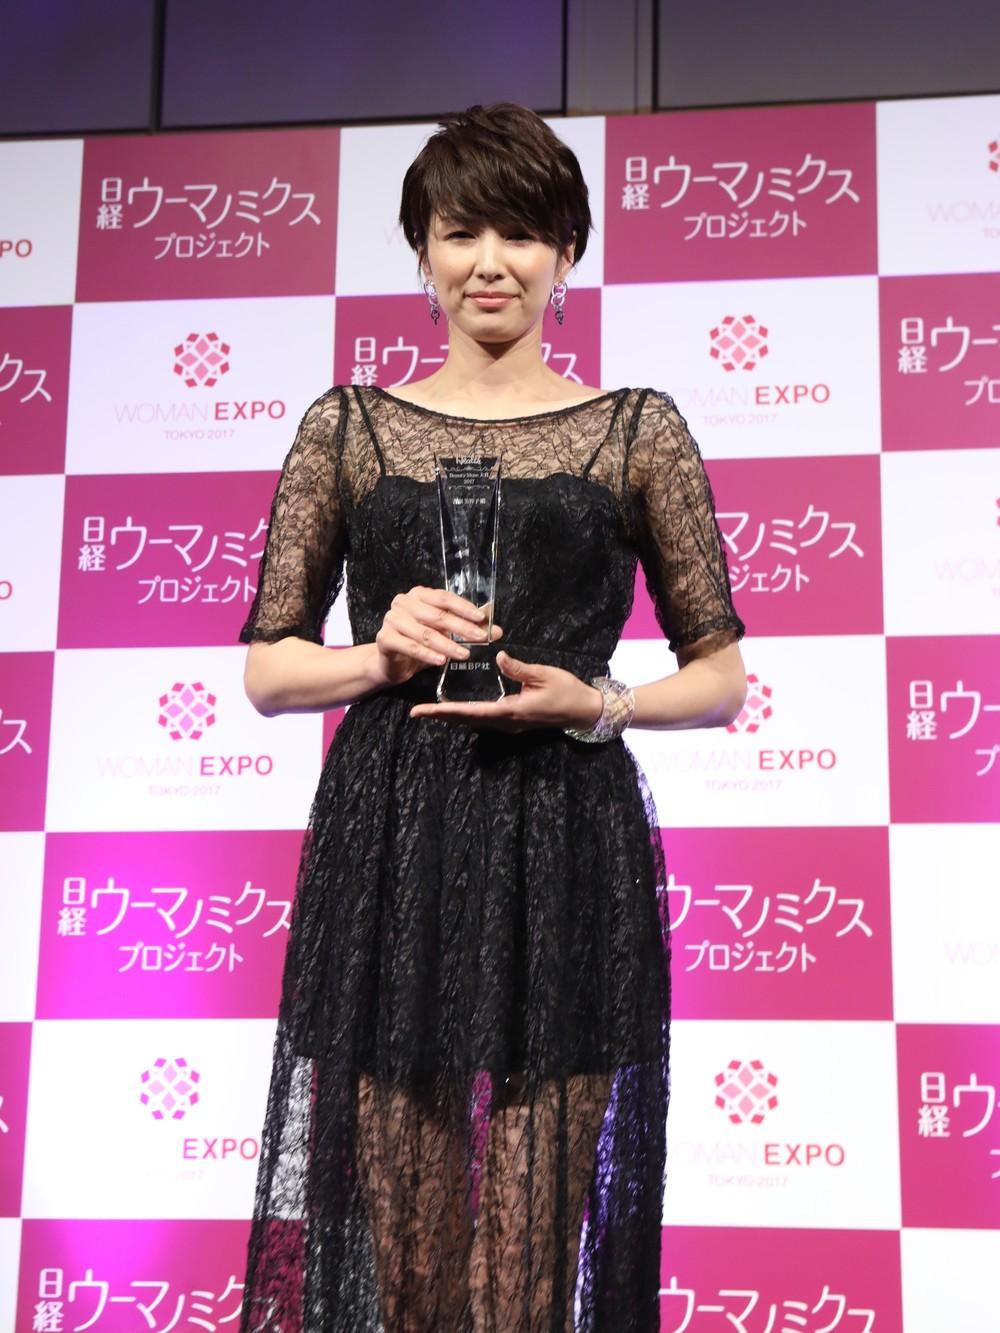 吉瀬美智子さん、第2子出産後初イベント ダイエット「ありとあらゆることを」